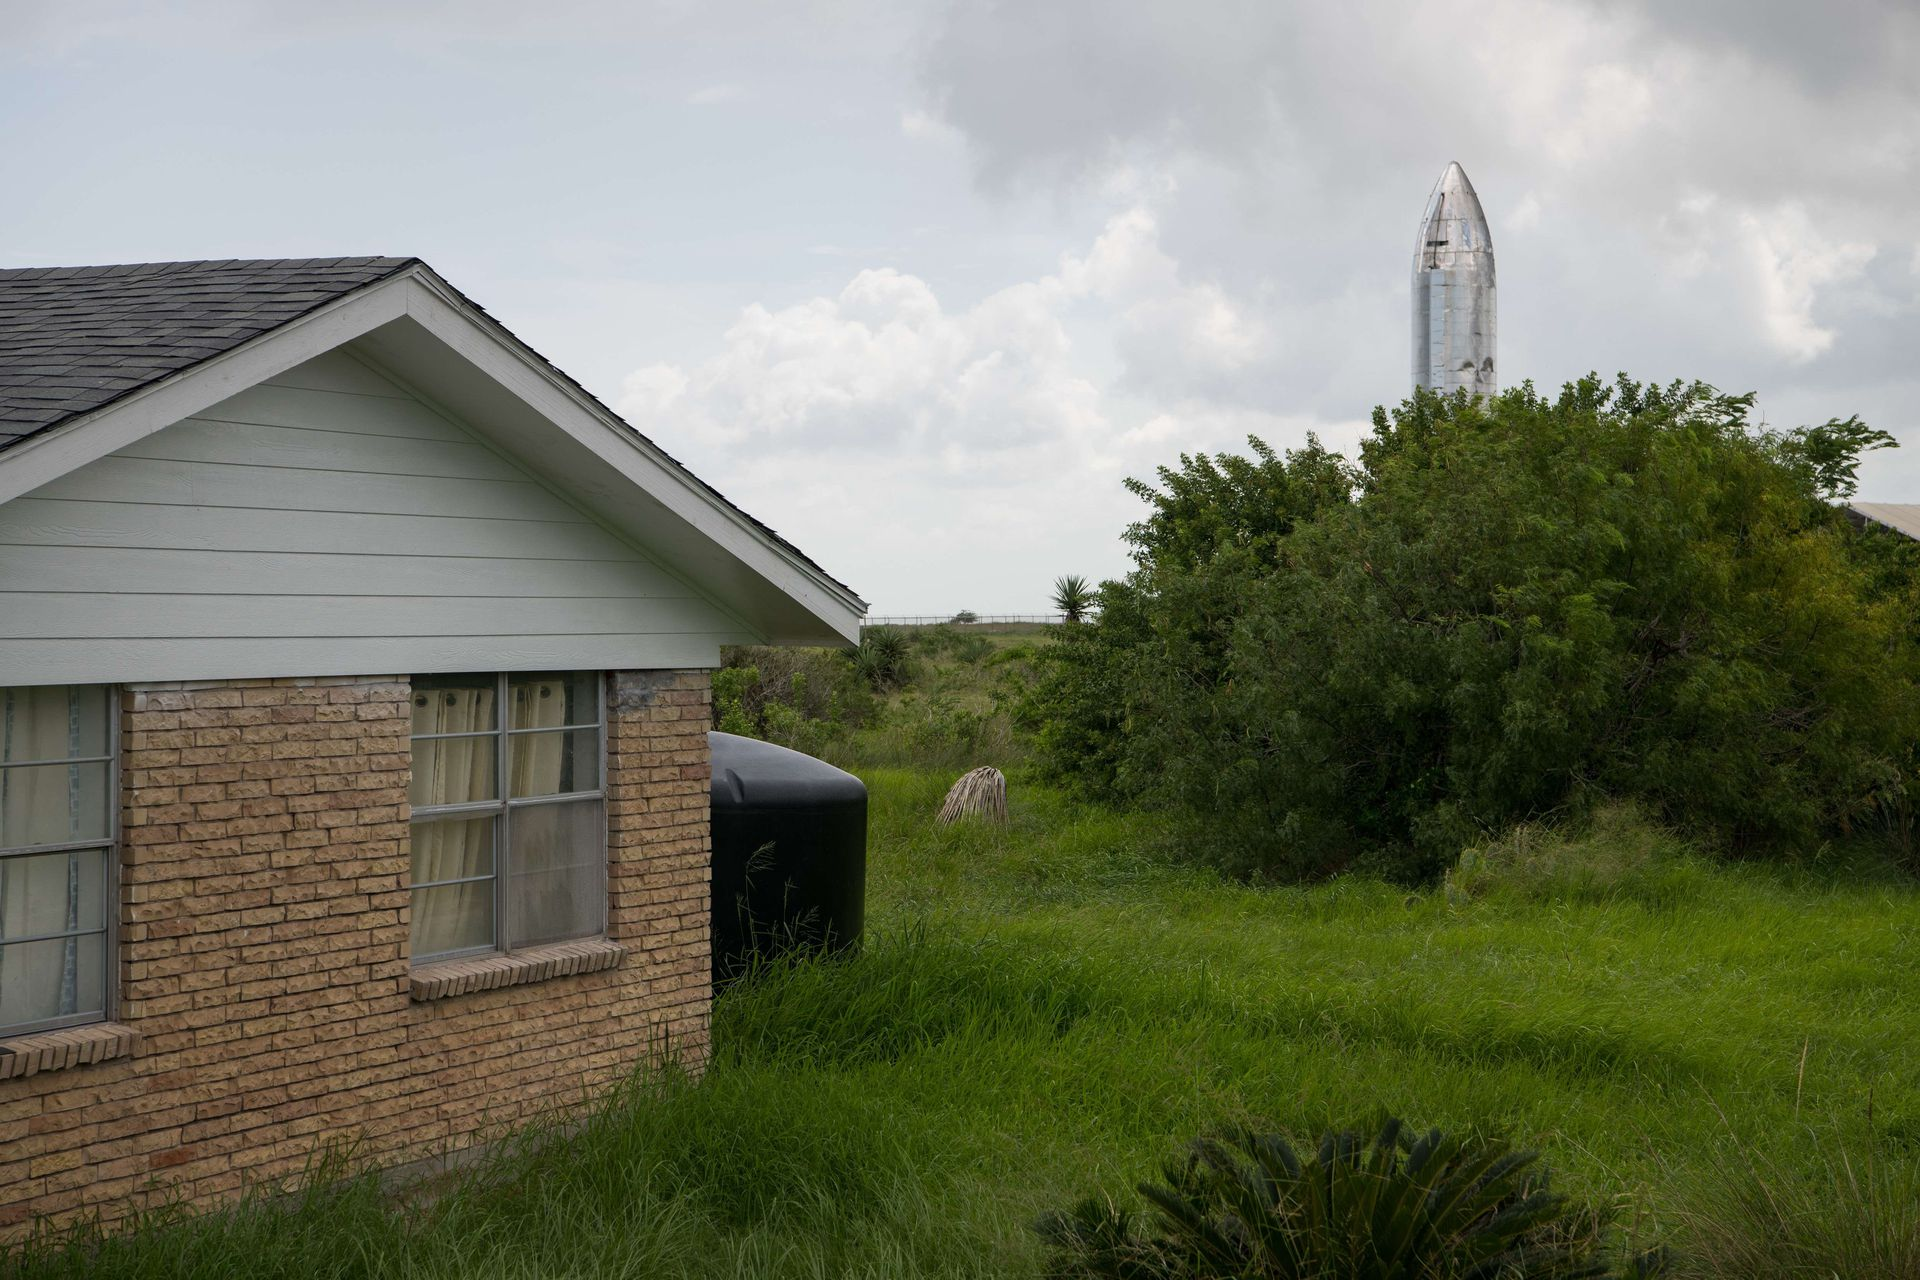 Un prototipo de la nave espacial Starship de SpaceX se muestra detrás de una casa en Boca Chica Village